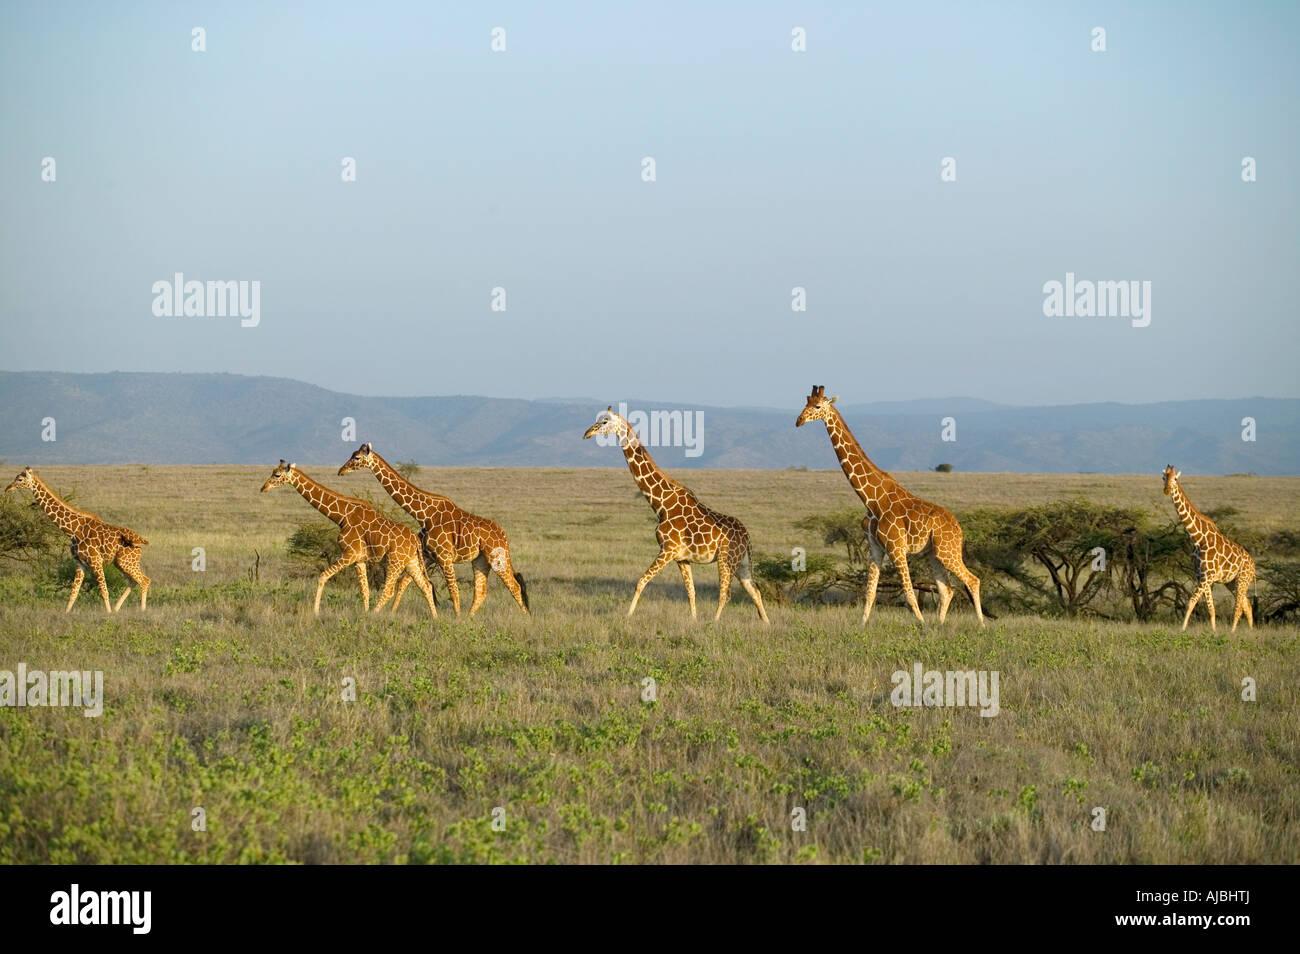 Giraffe reticolate (Giraffa camelopardalis reticulata) Allevamento in una piana aperta Immagini Stock